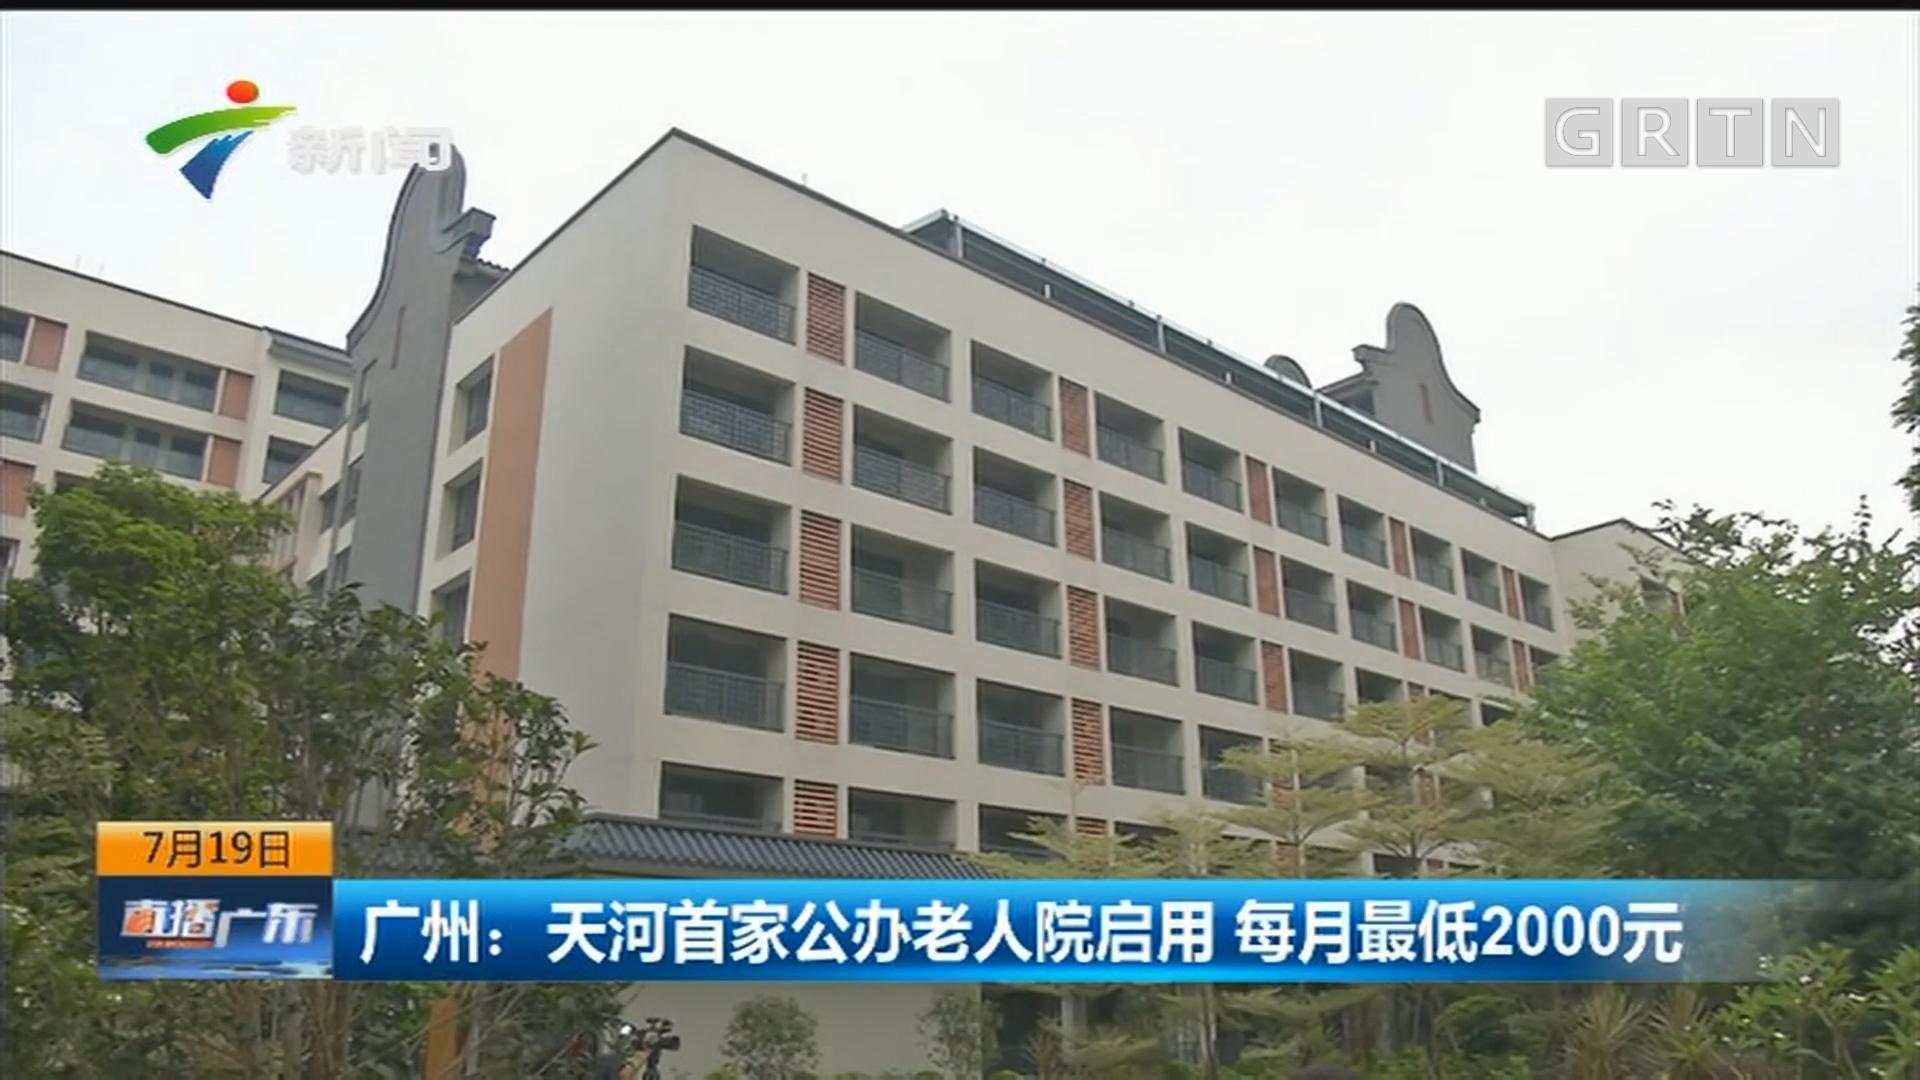 广州:天河首家公办老人院启用 每月最低2000元